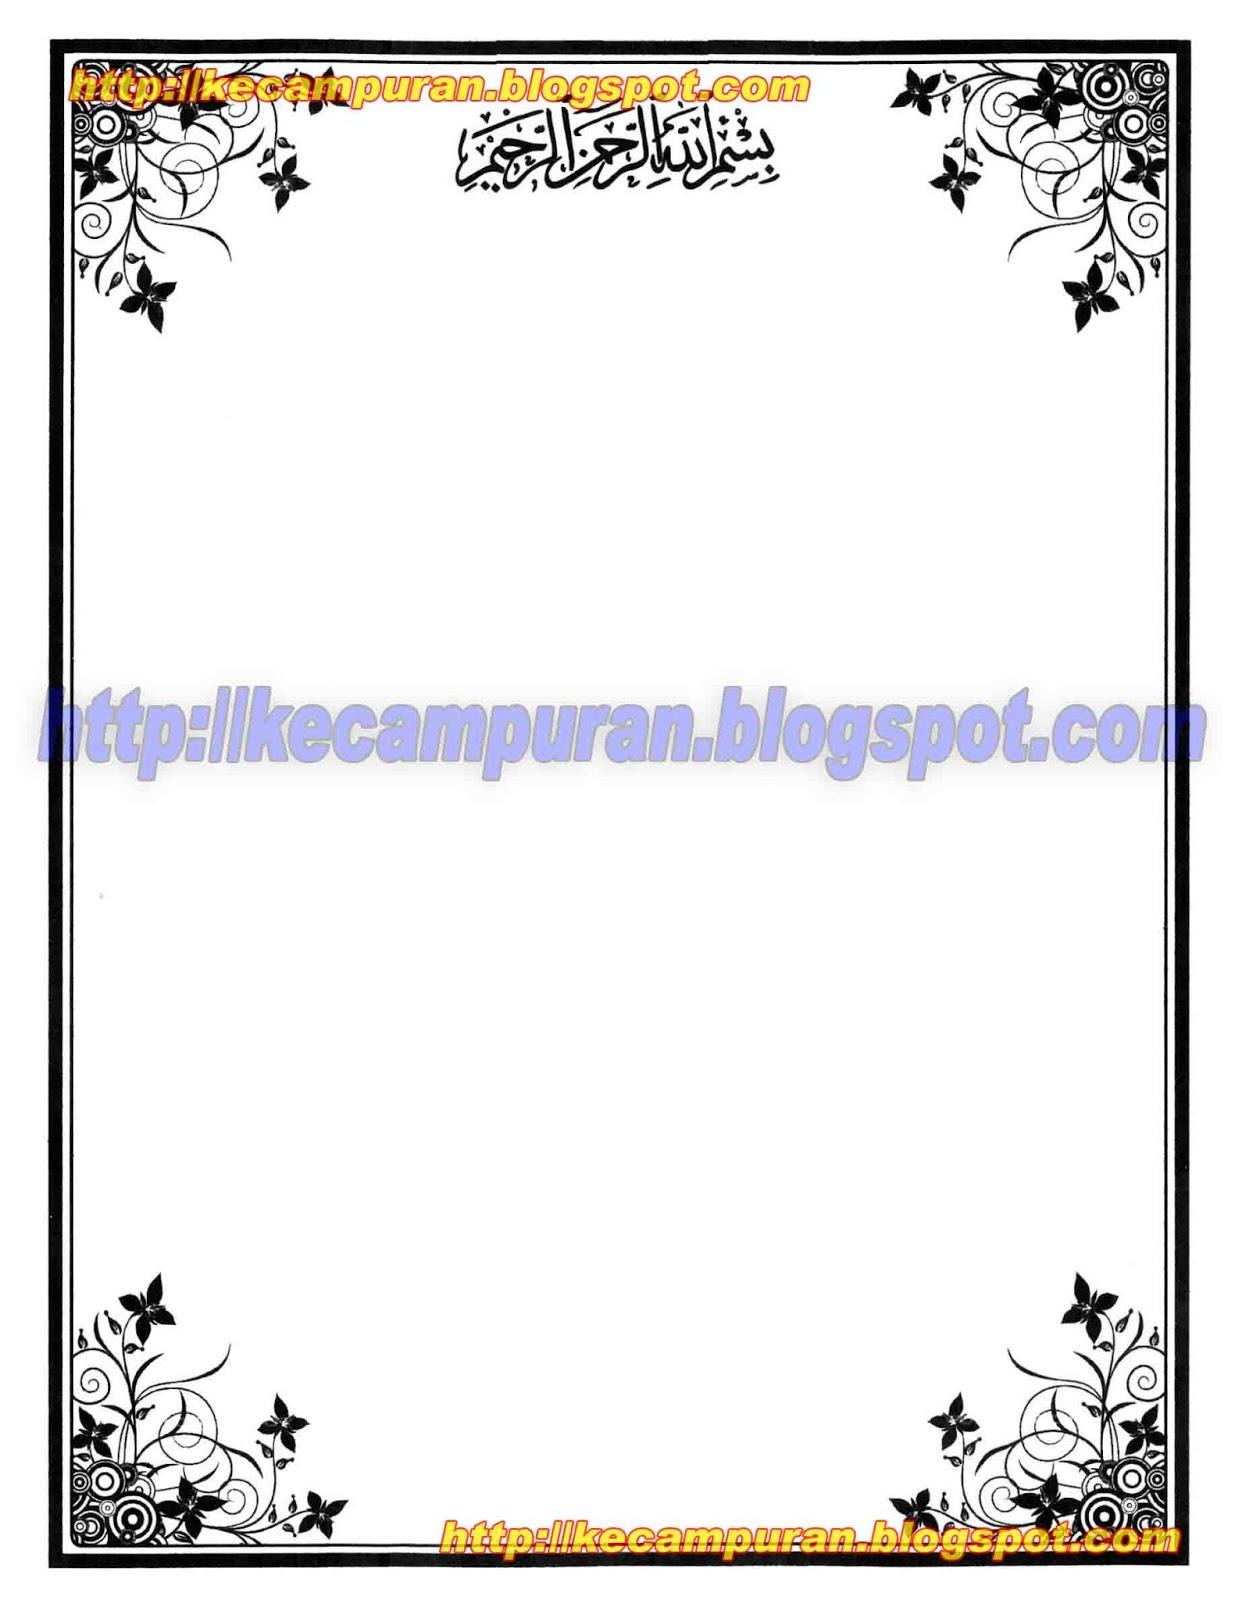 List of top bingkai kartu ucapan images - Bingkai Tasyakuran Border Tasyakuran Bingkai Ucapan Kelahiran Bingkai Ucapan Khitanan Bingkai Ucapan